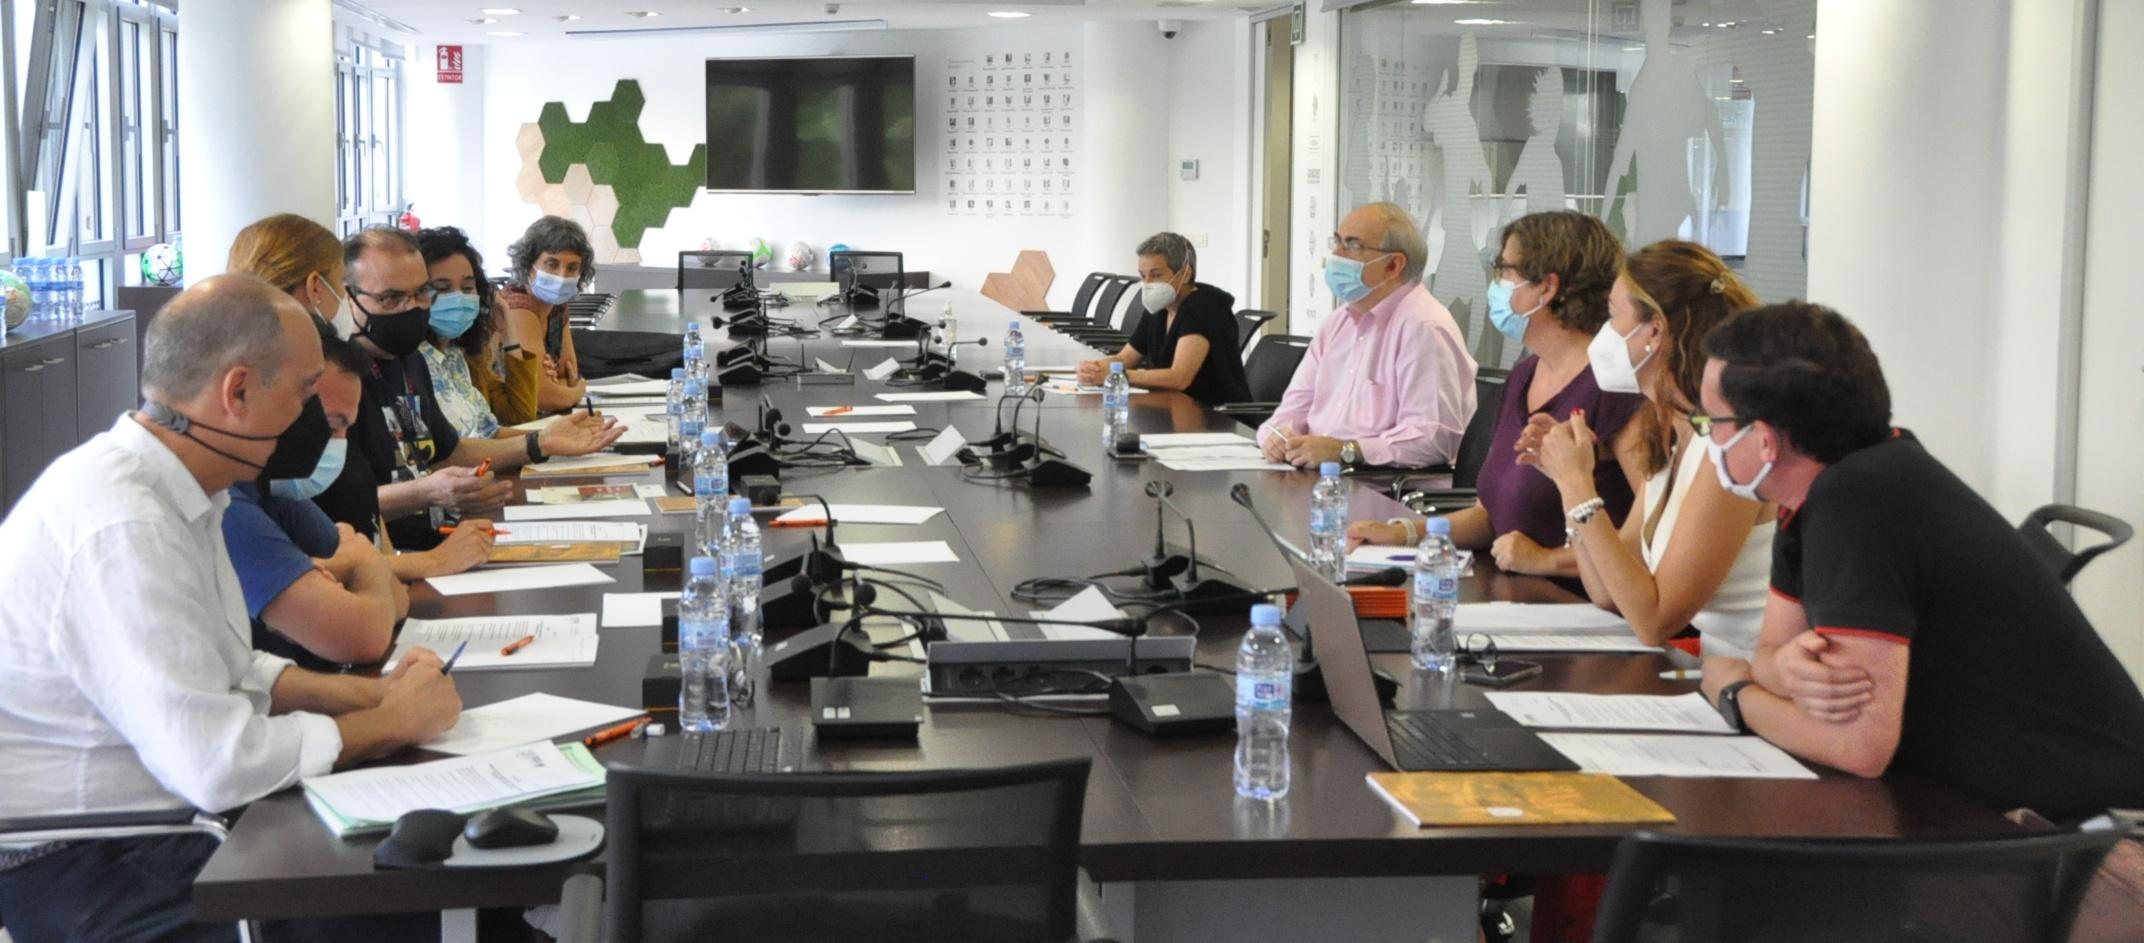 FCF, Mossos d'Esquadra i Direcció General de l'Administració de la Seguretat s'uneixen per abordar la violència i la intolerància en el futbol